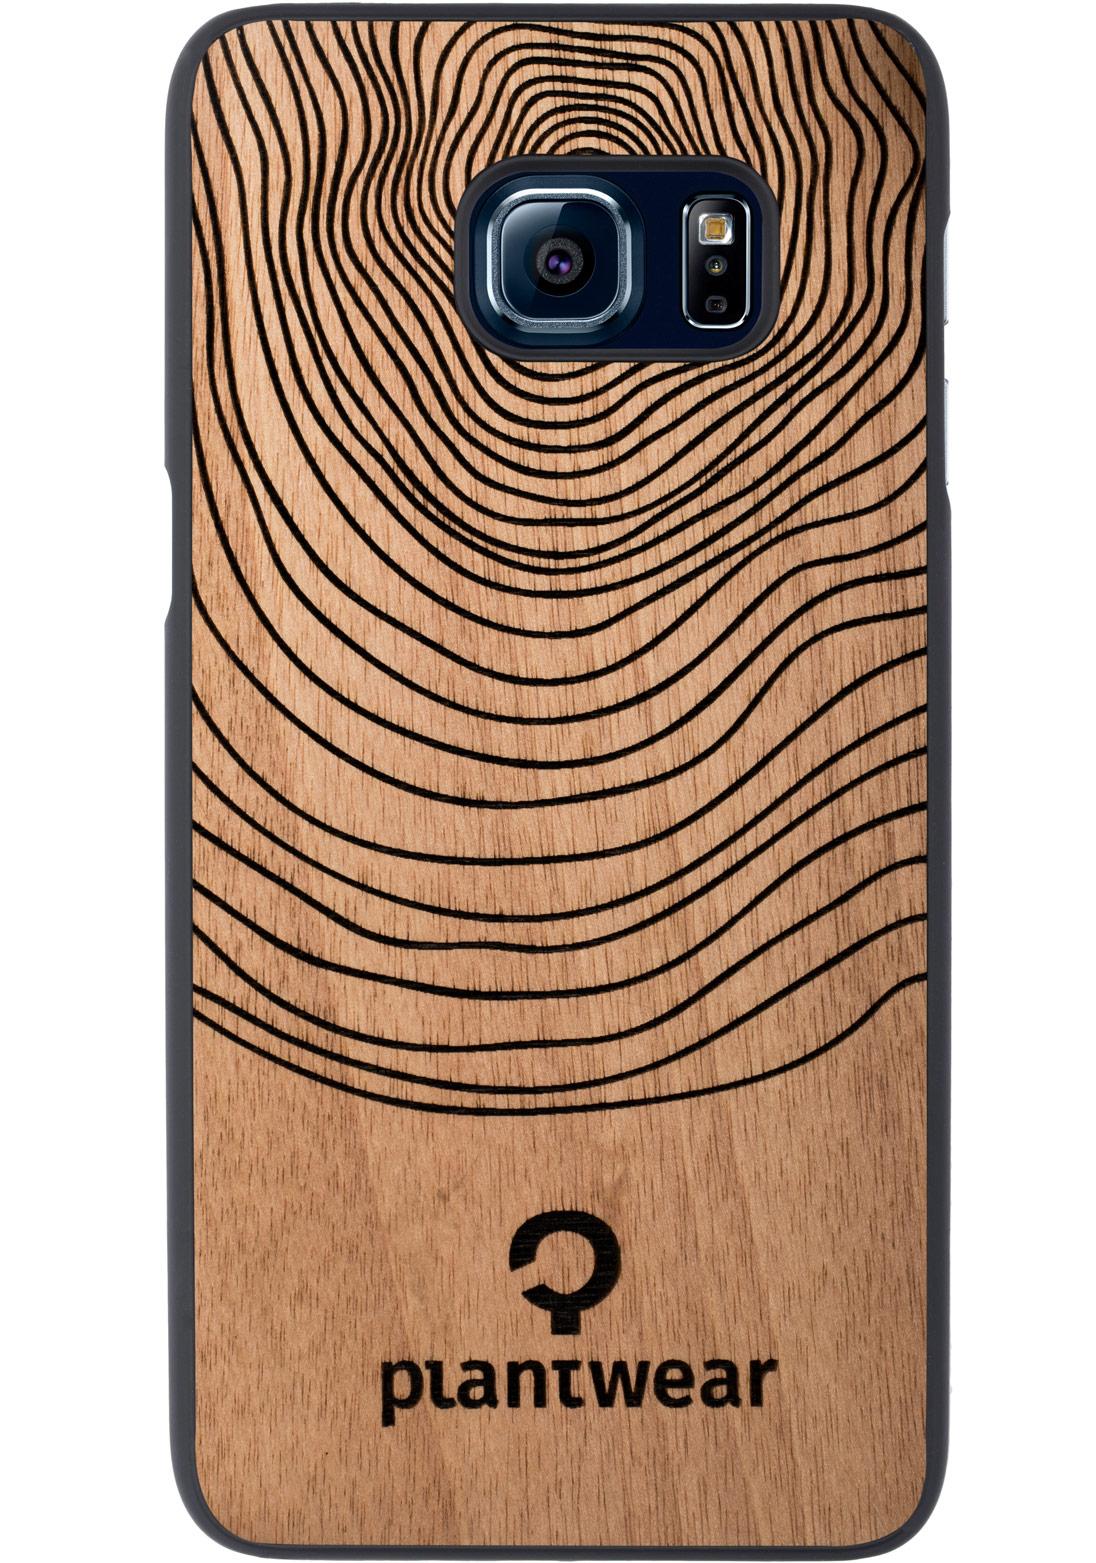 huge discount 98e1e 3e452 Wooden Case - Samsung Galaxy S6 EDGE Plus - Aniegre - Stamp